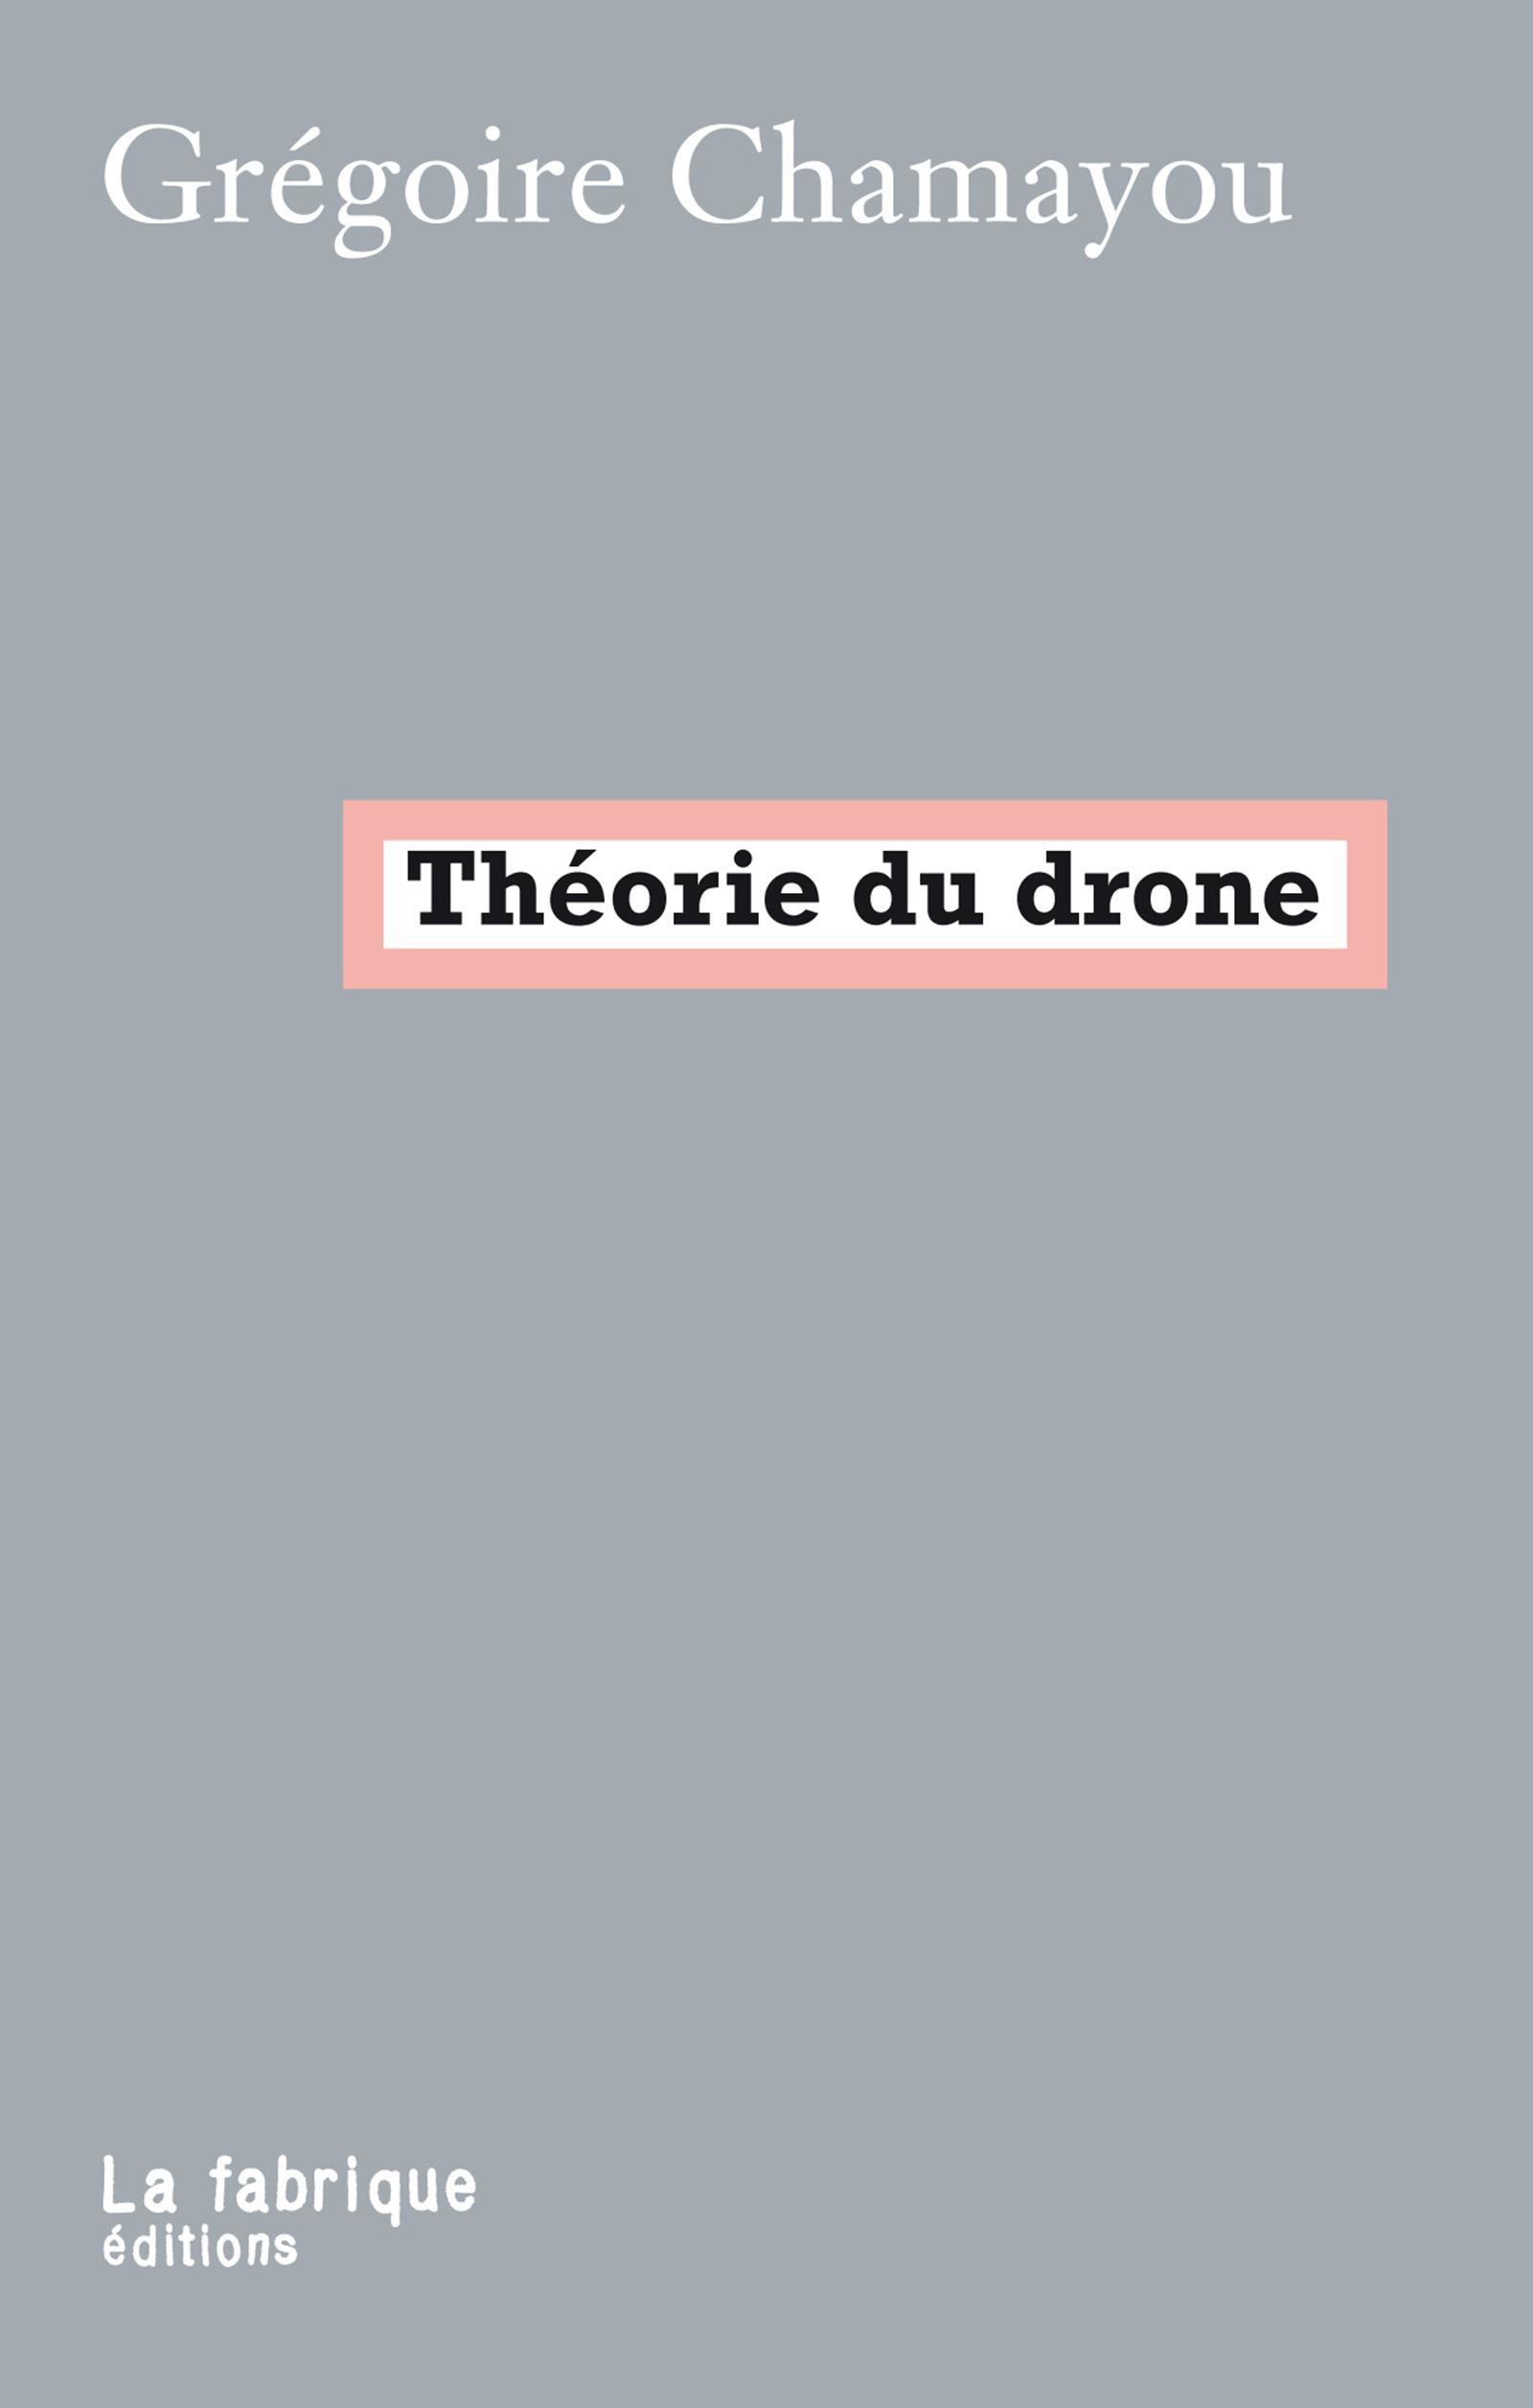 Théorie du drône